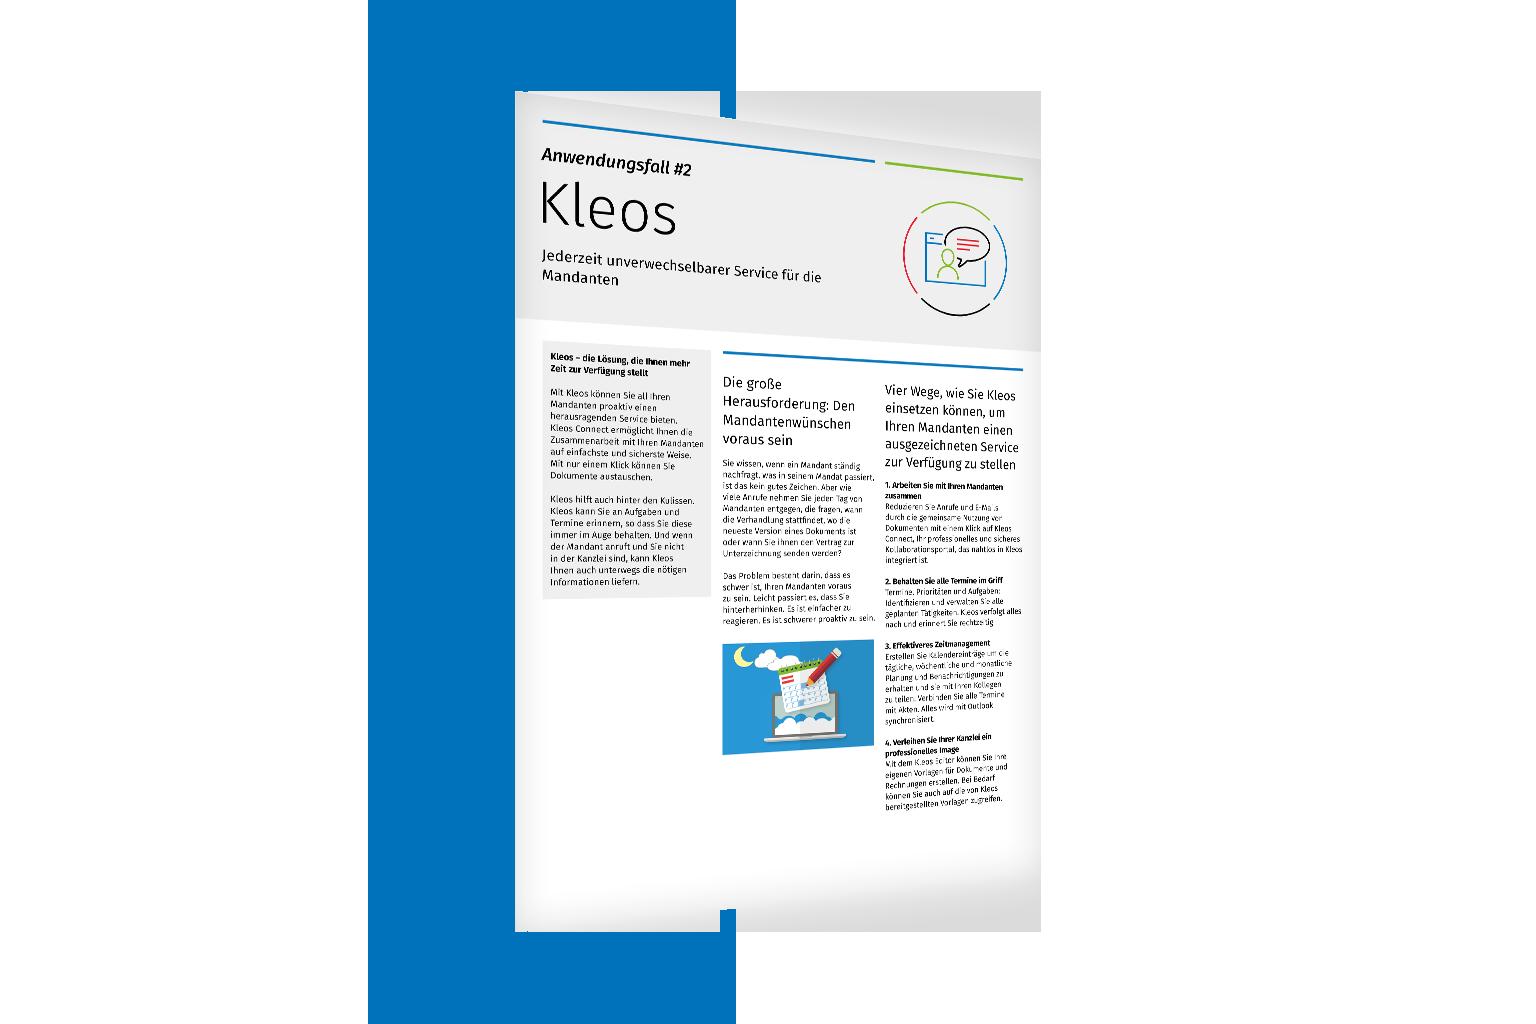 Kleos-Use-Case-2-Client-Service-DE-1536x1024